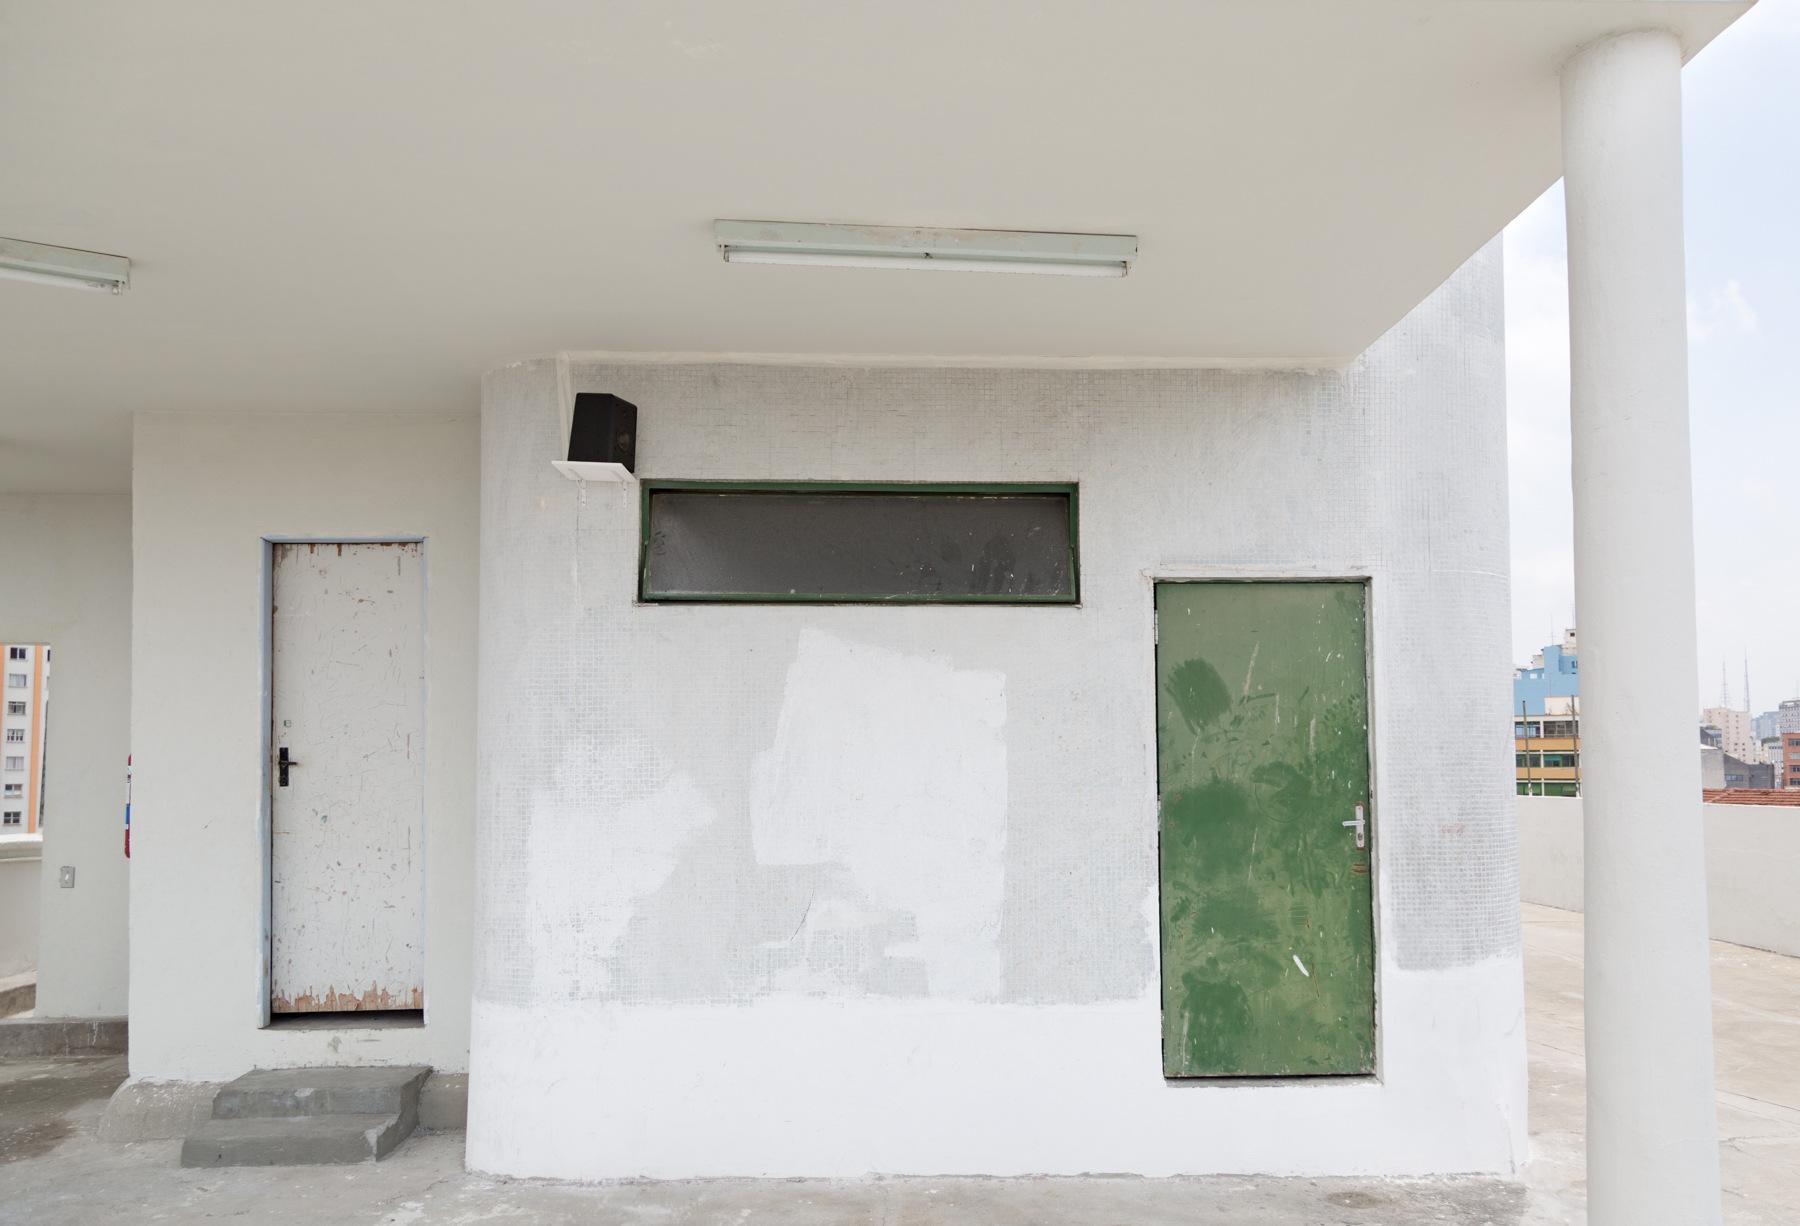 11 Observatório - Hipótese e Horizonte - Ricardo Carioba, Resistência invertida3